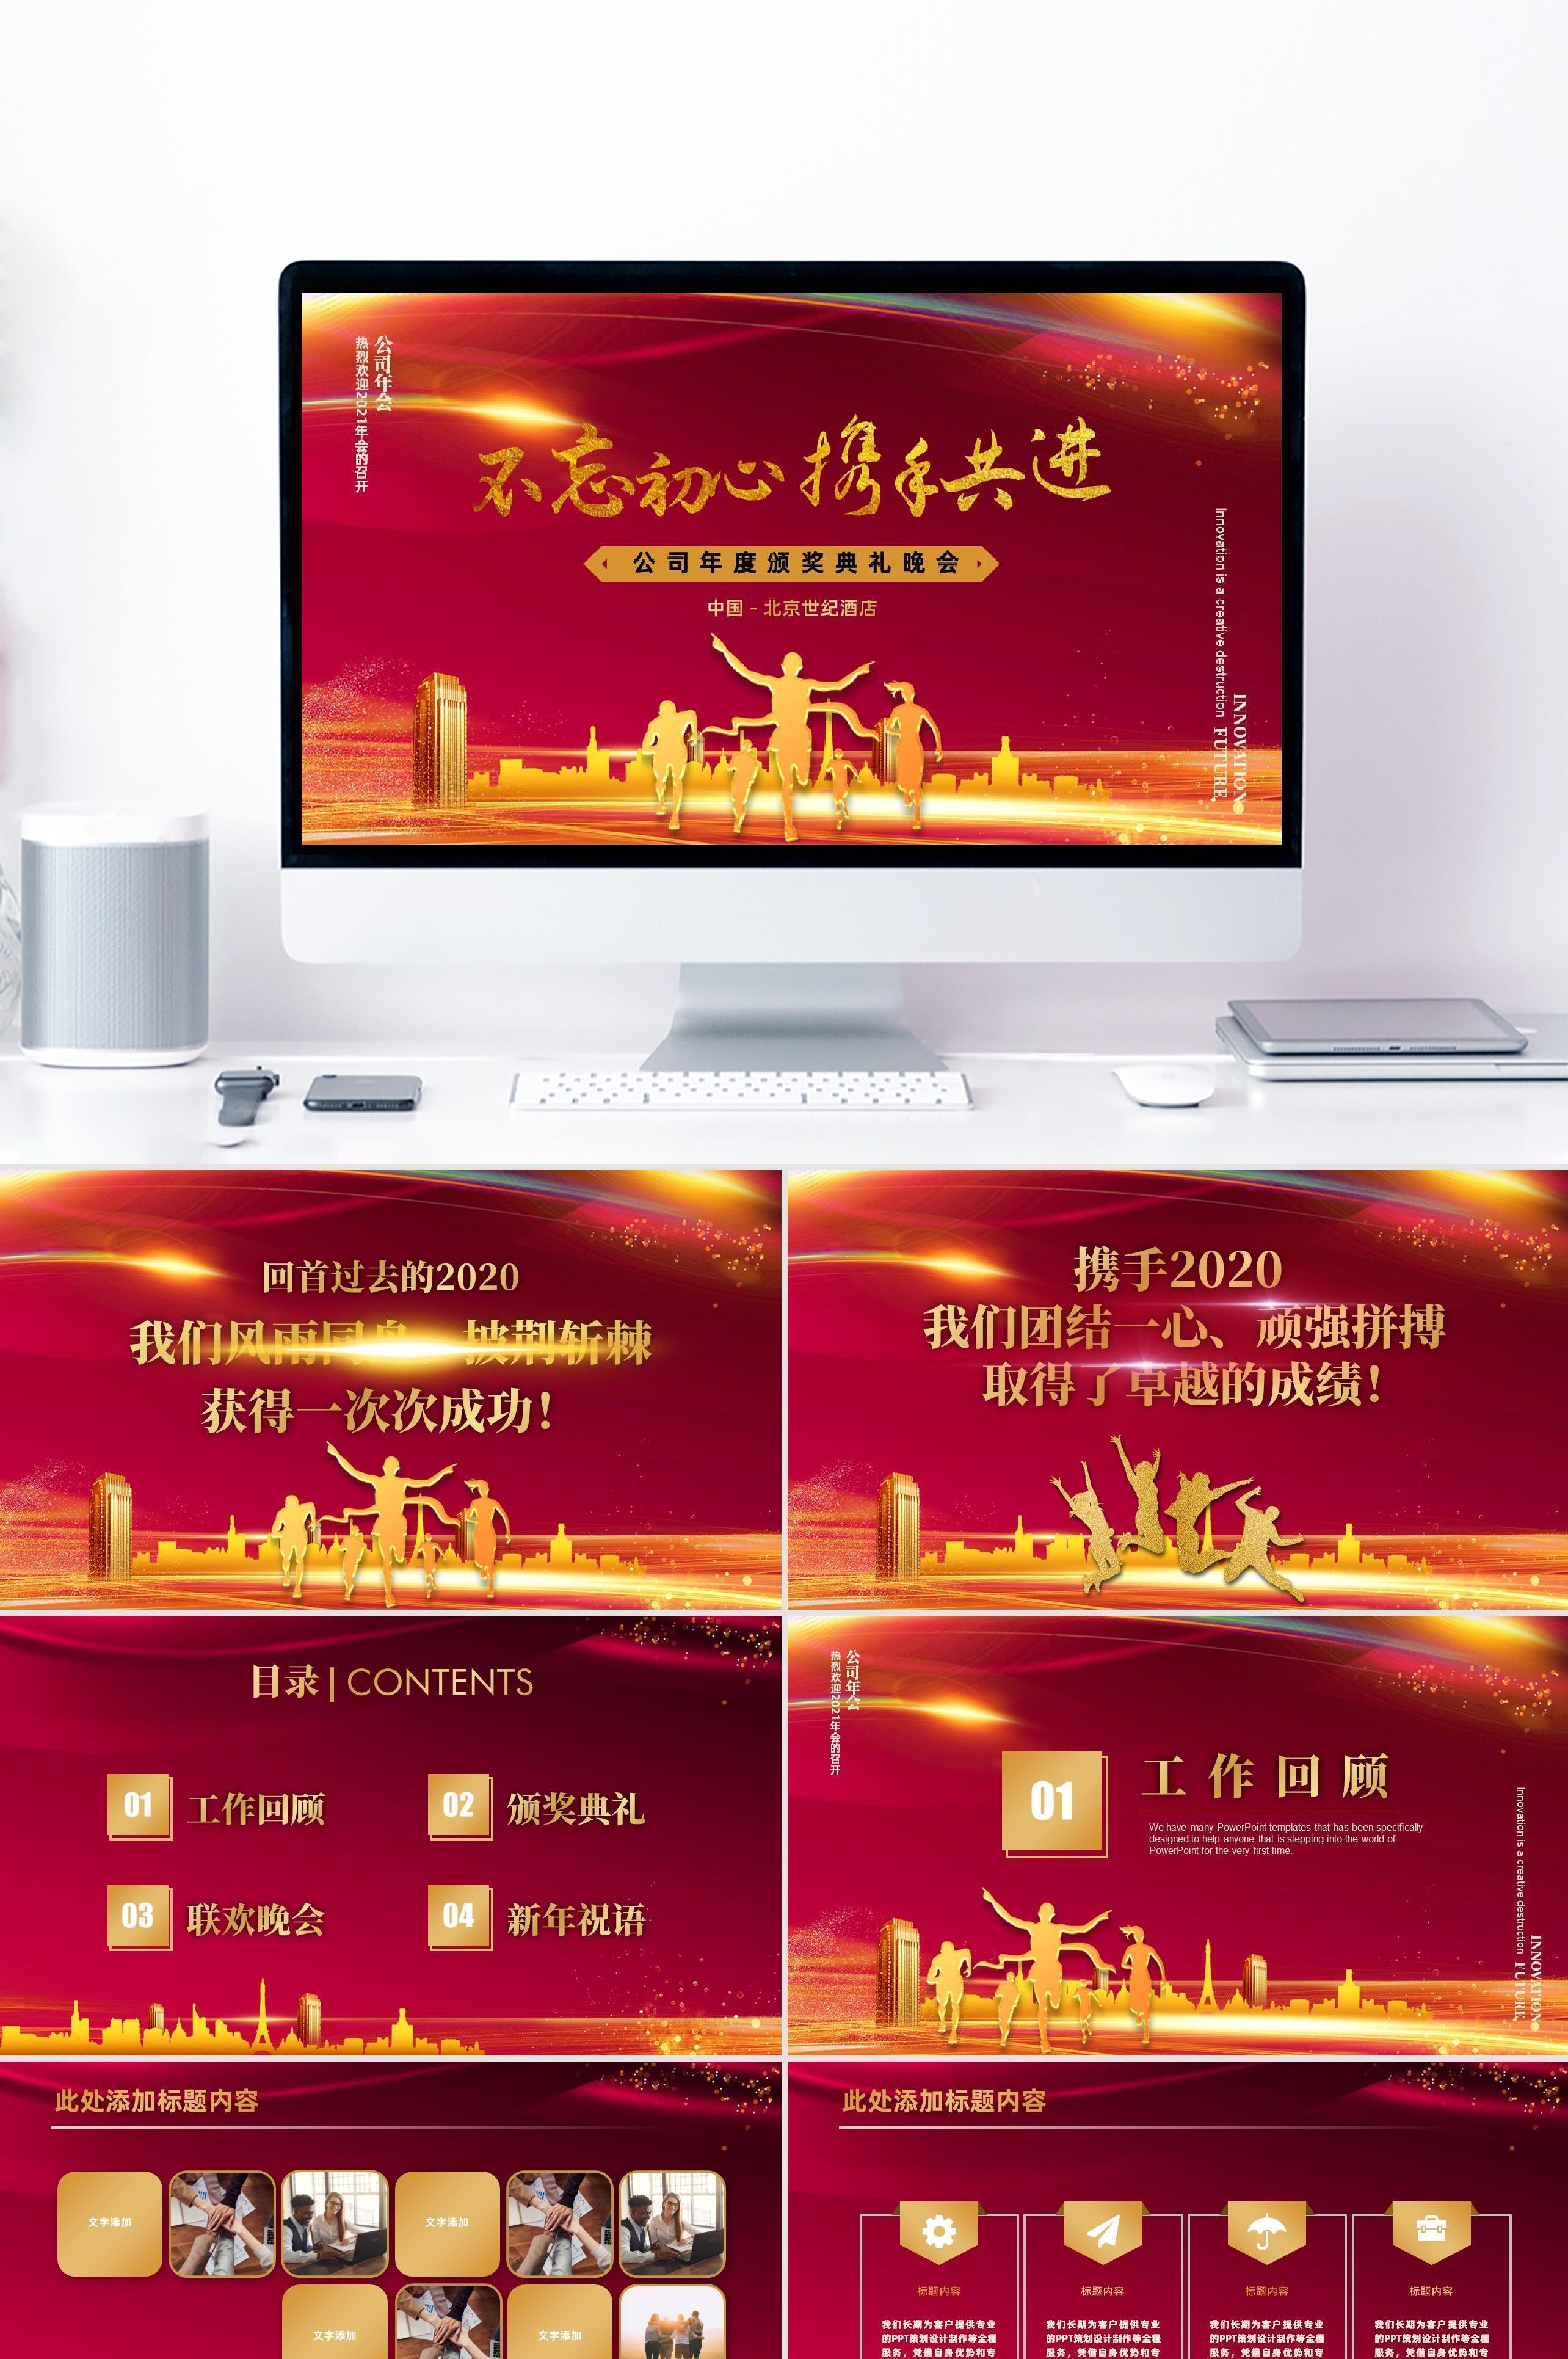 红金色公司新年晚会颁奖PPT模板